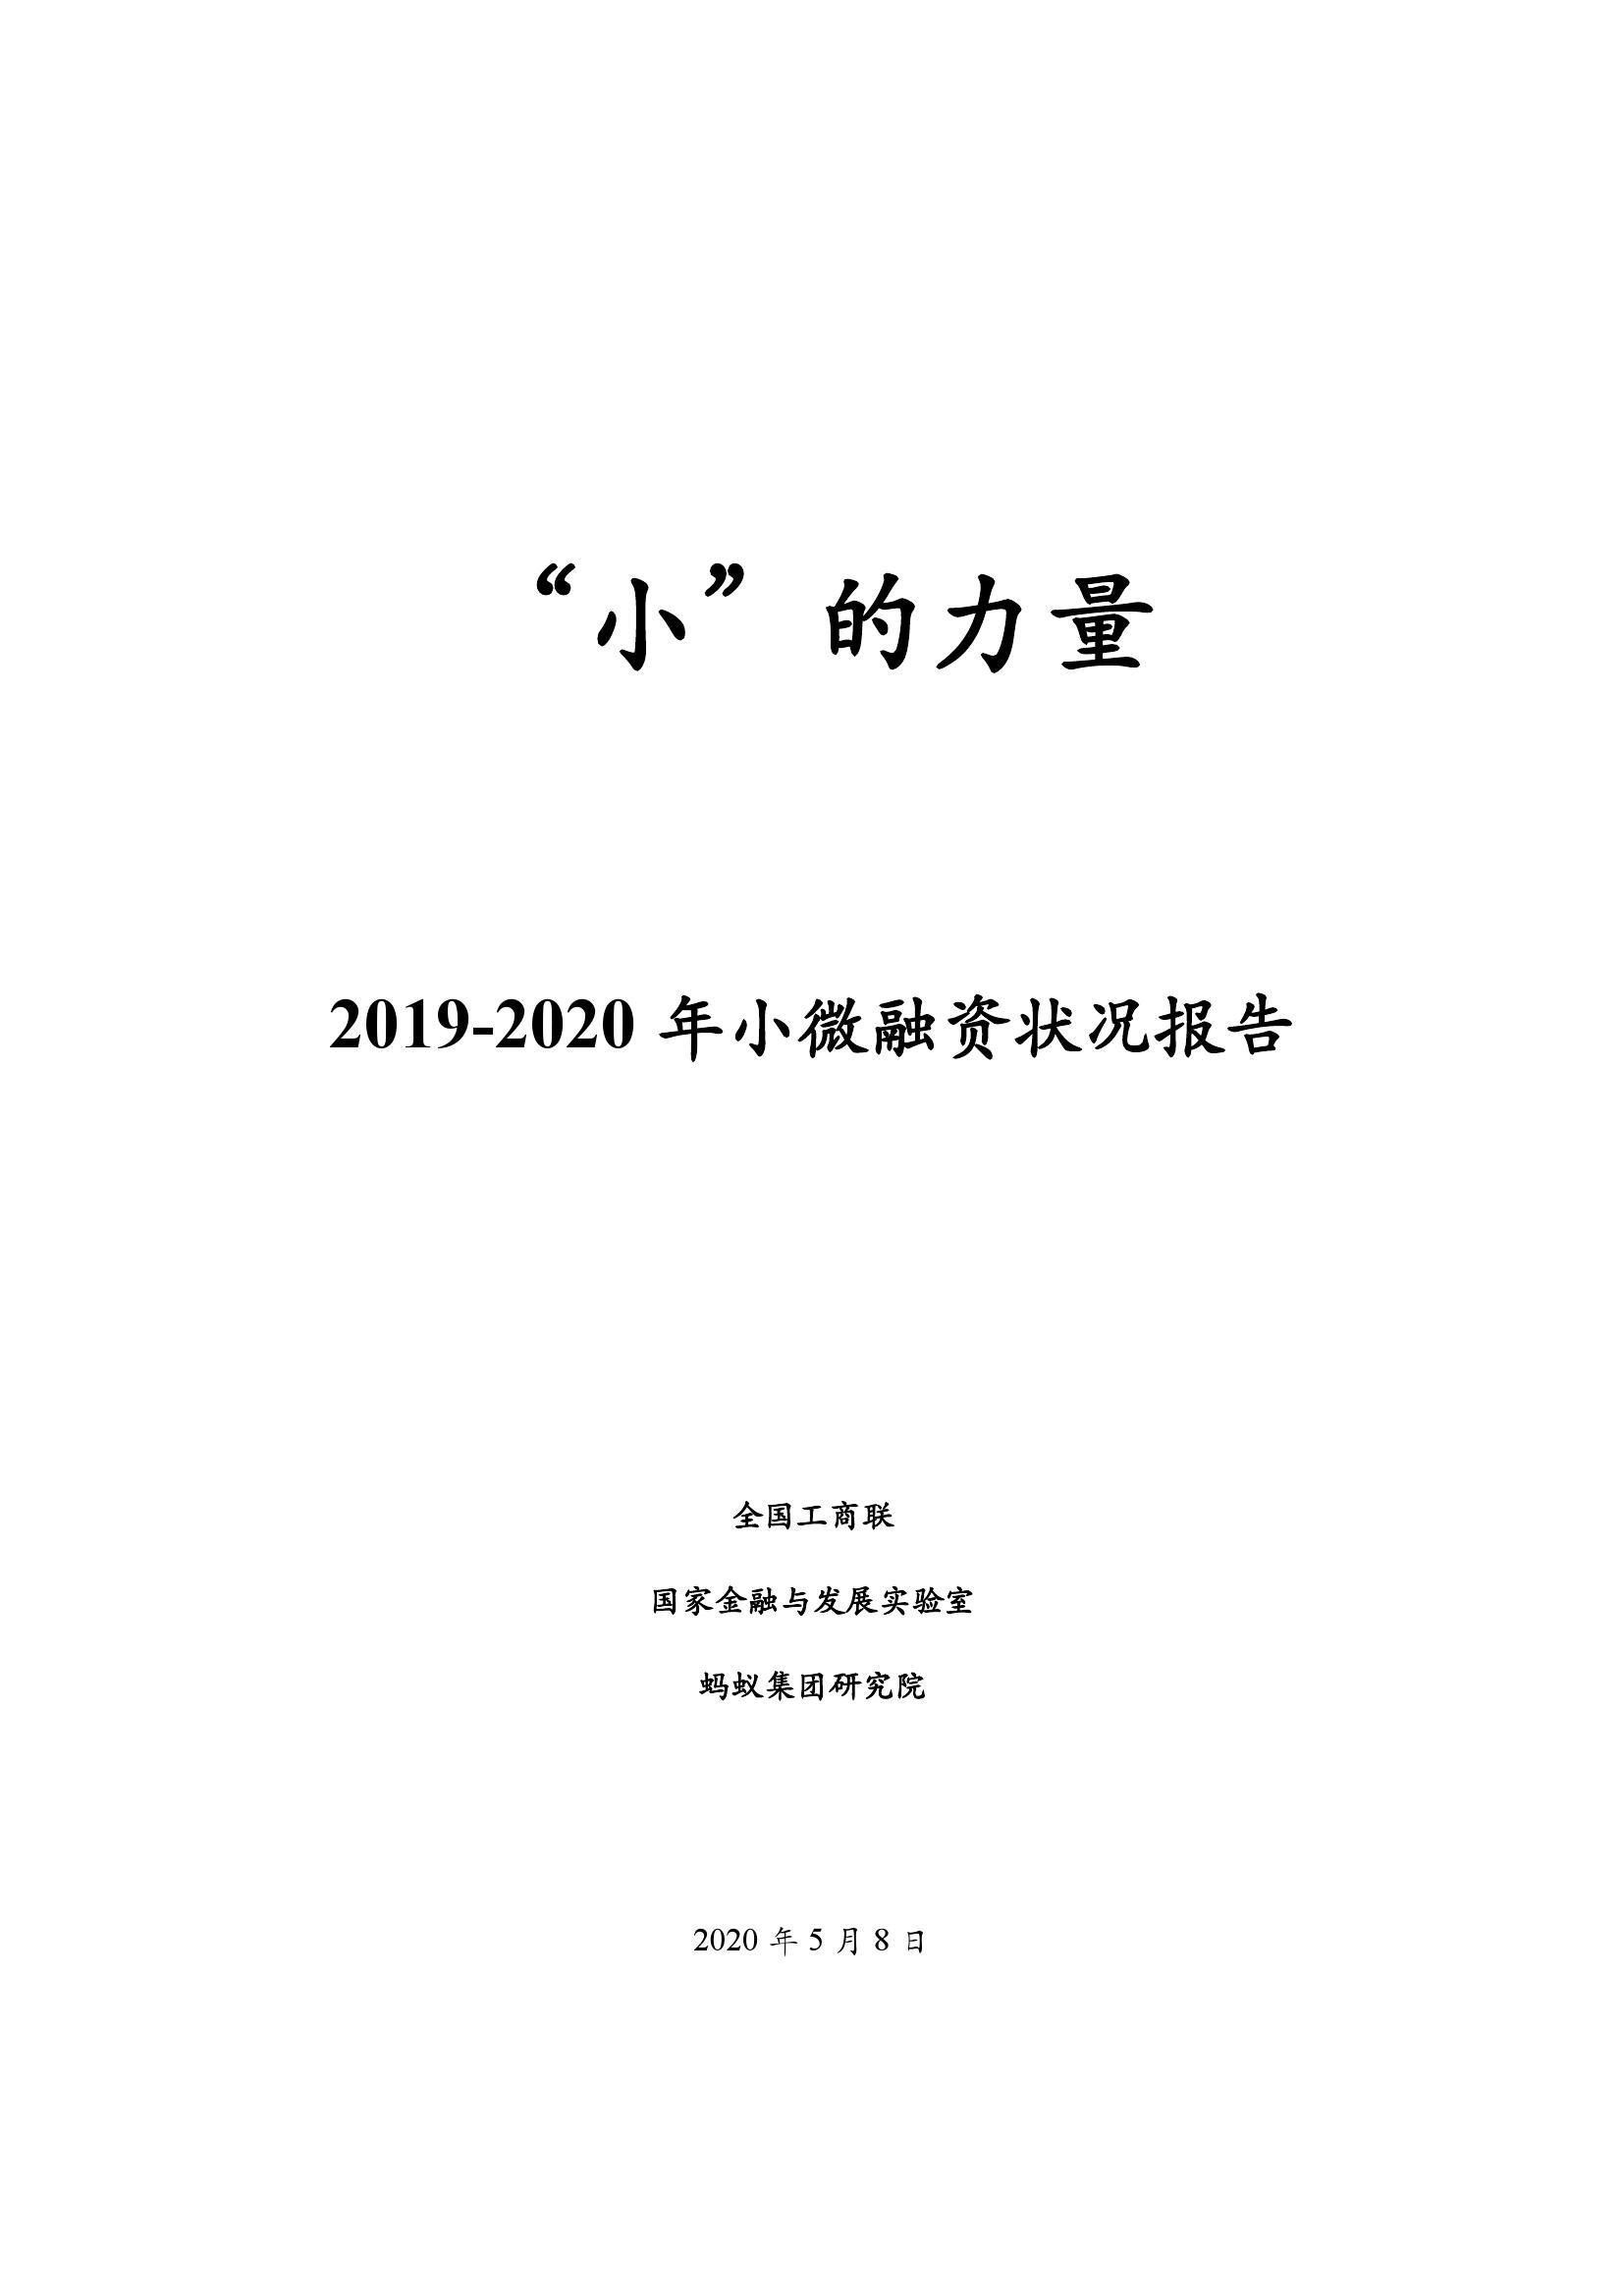 全国工商联:2019-2020小微企业融资状况报告(97页)